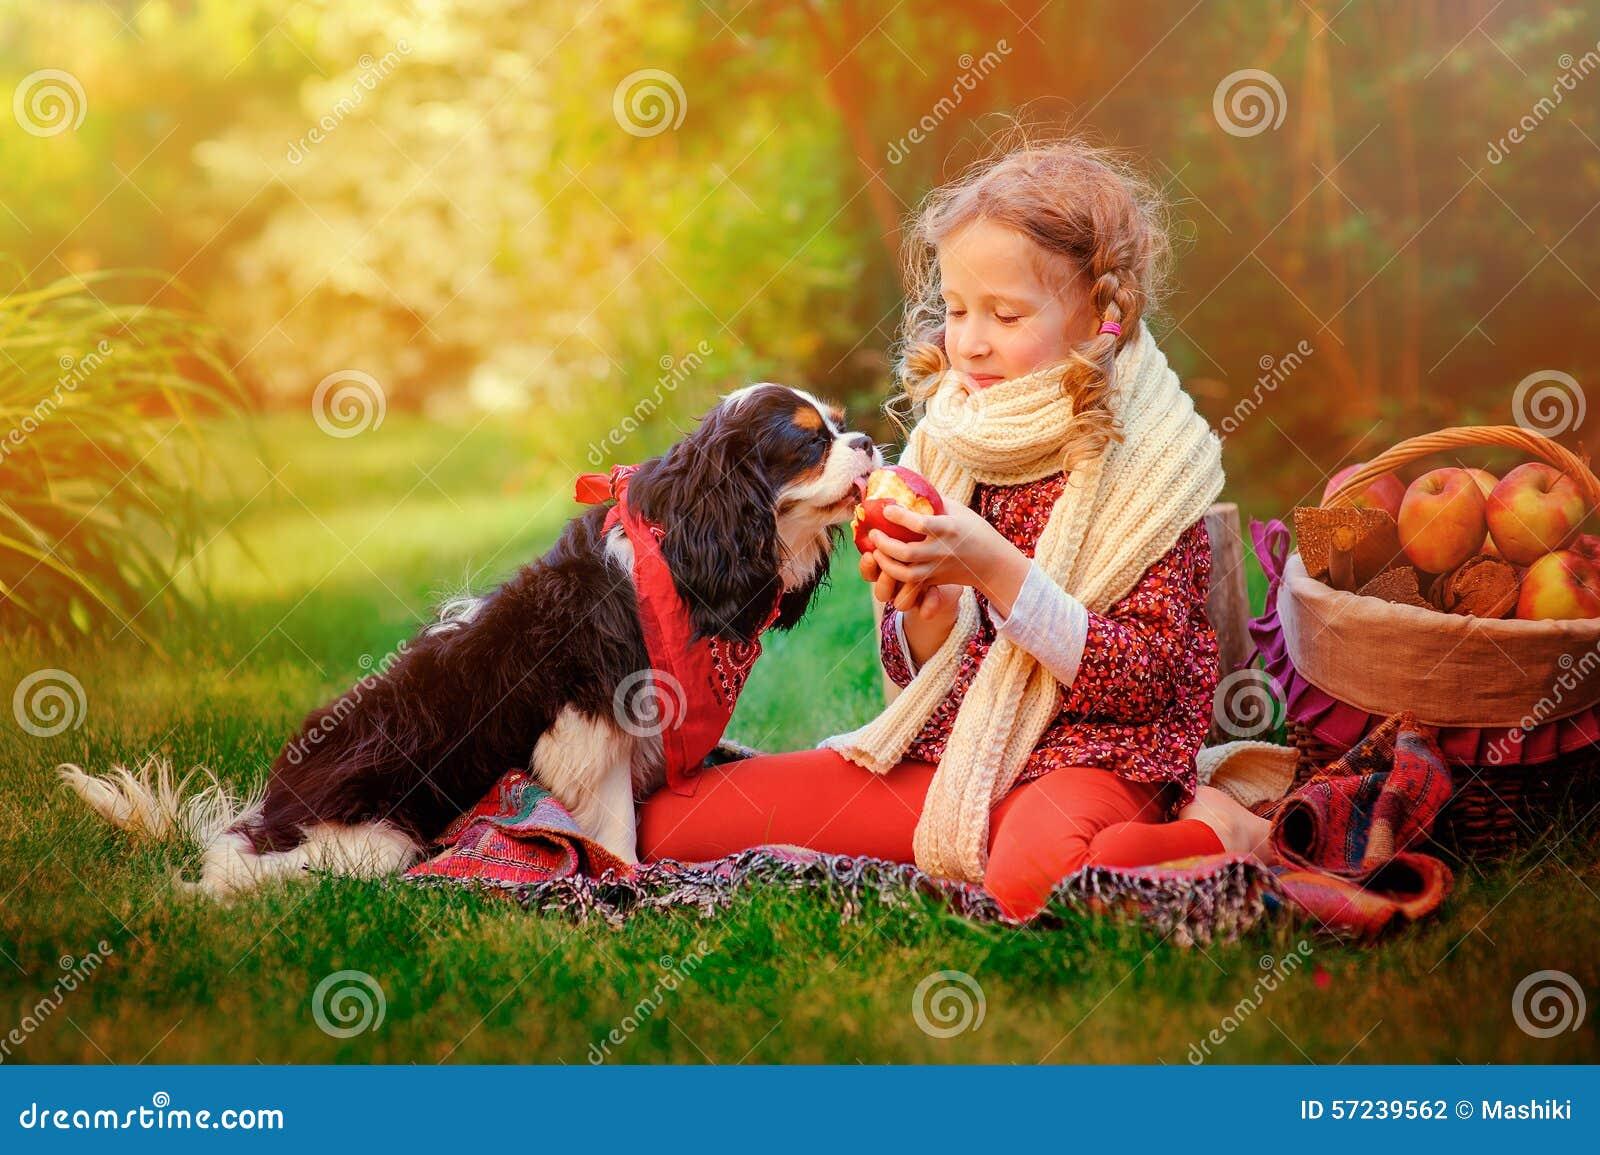 Glückliches Kindermädchen, das mit ihrem Hund spielt und ihm Apfel im sonnigen Herbstgarten gibt